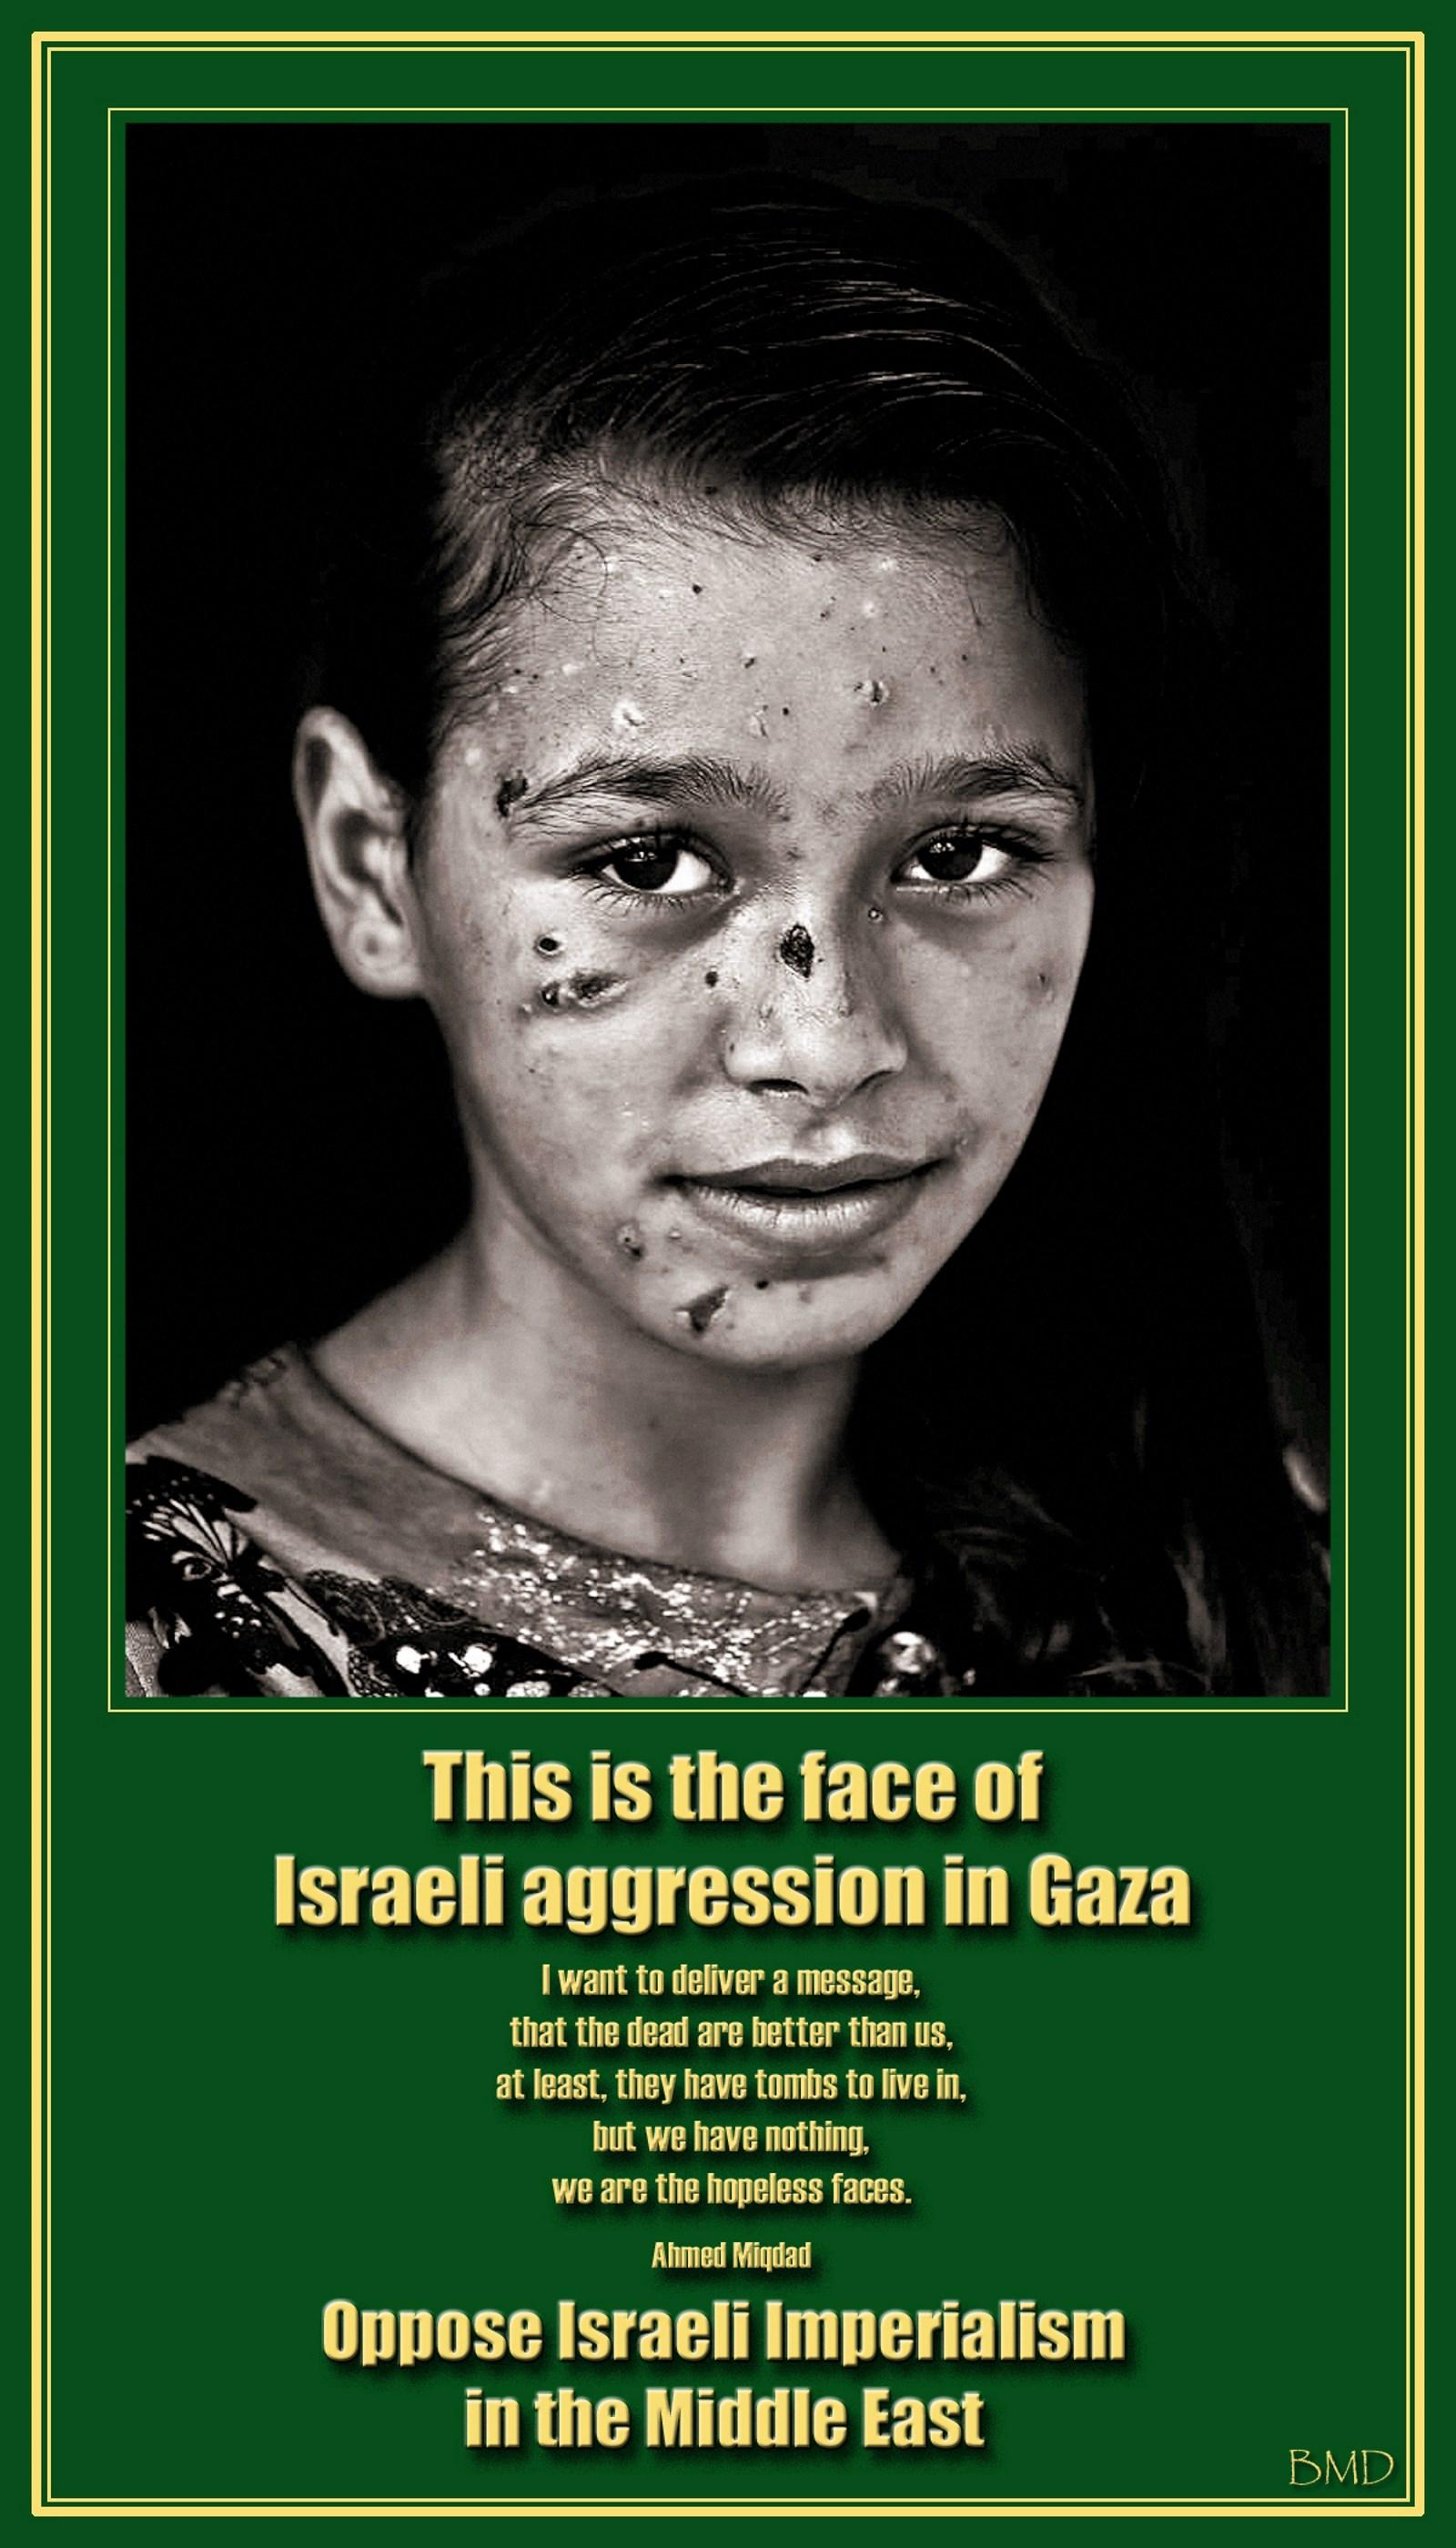 00 Gaza girl. 13.04.15